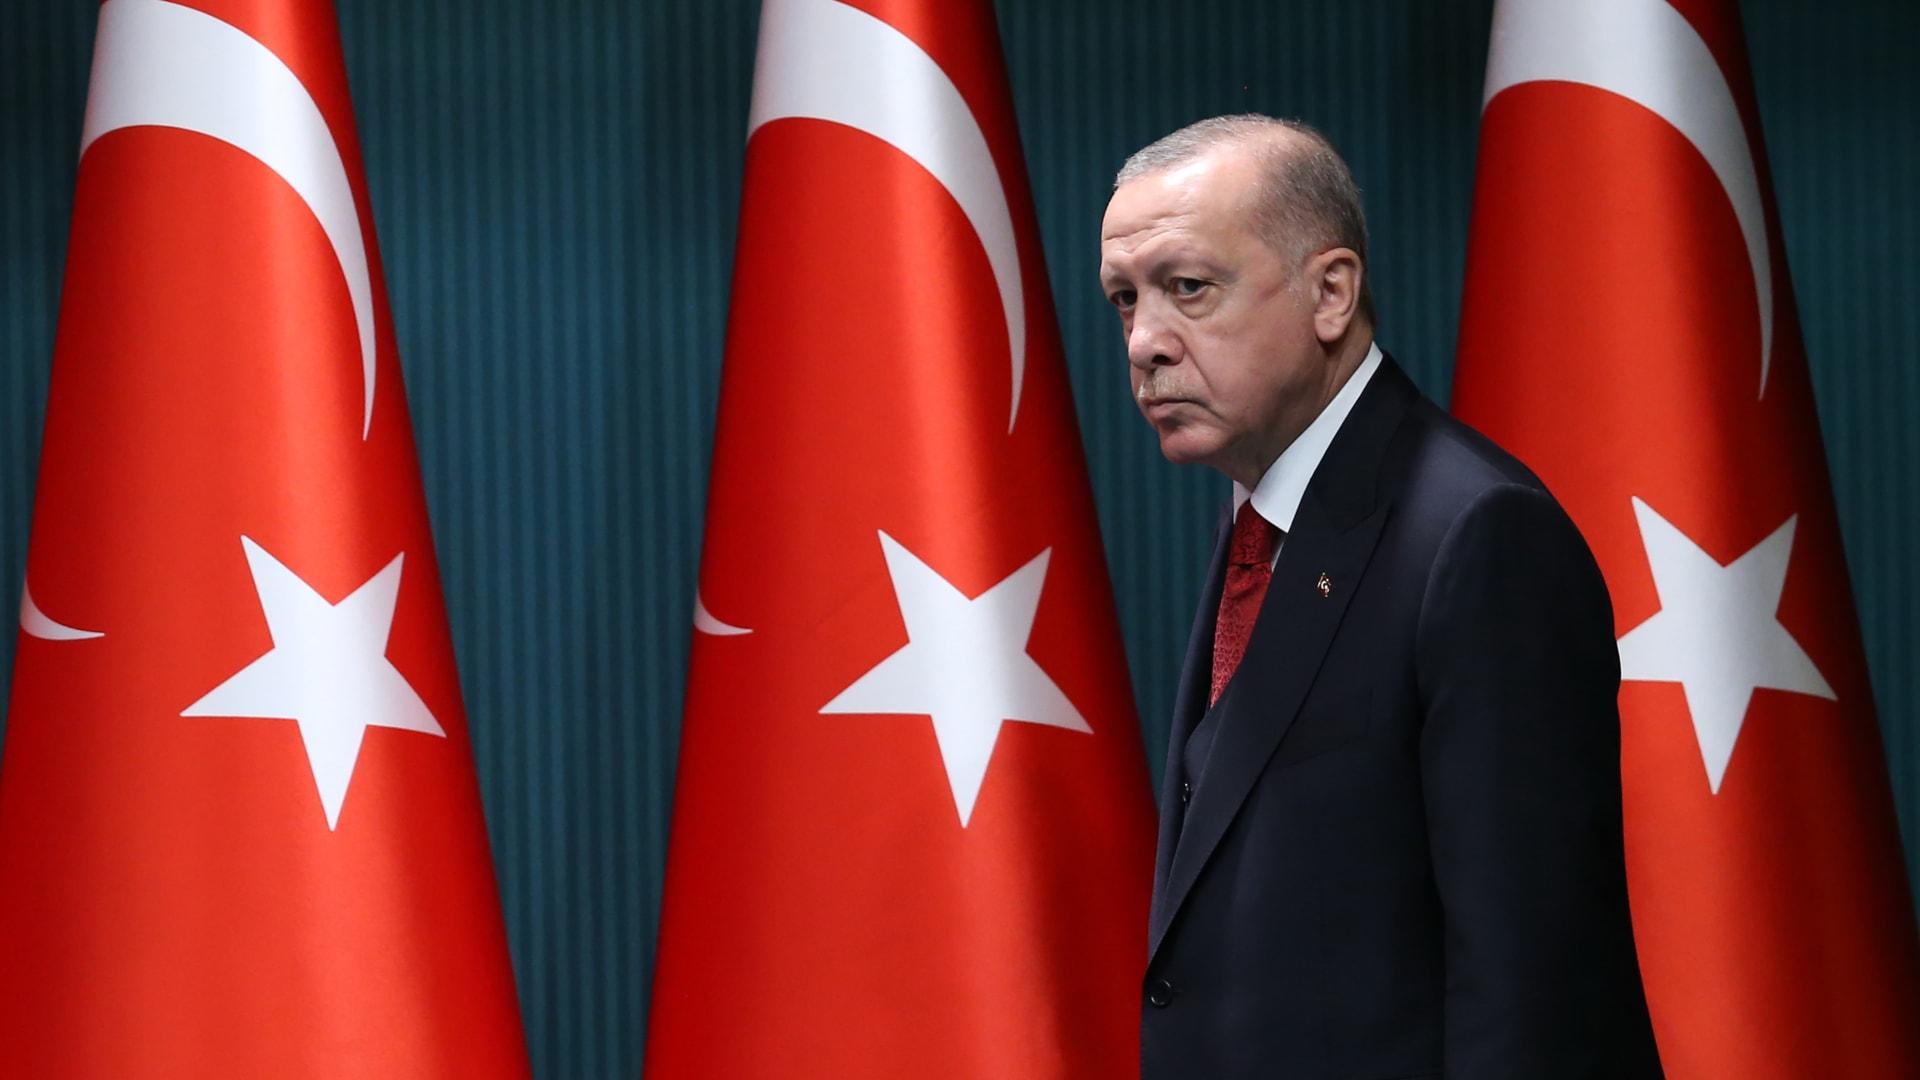 أردوغان لآبي أحمد: تركيا ستواصل توفير كافة أنواع الدعم لإثيوبيا